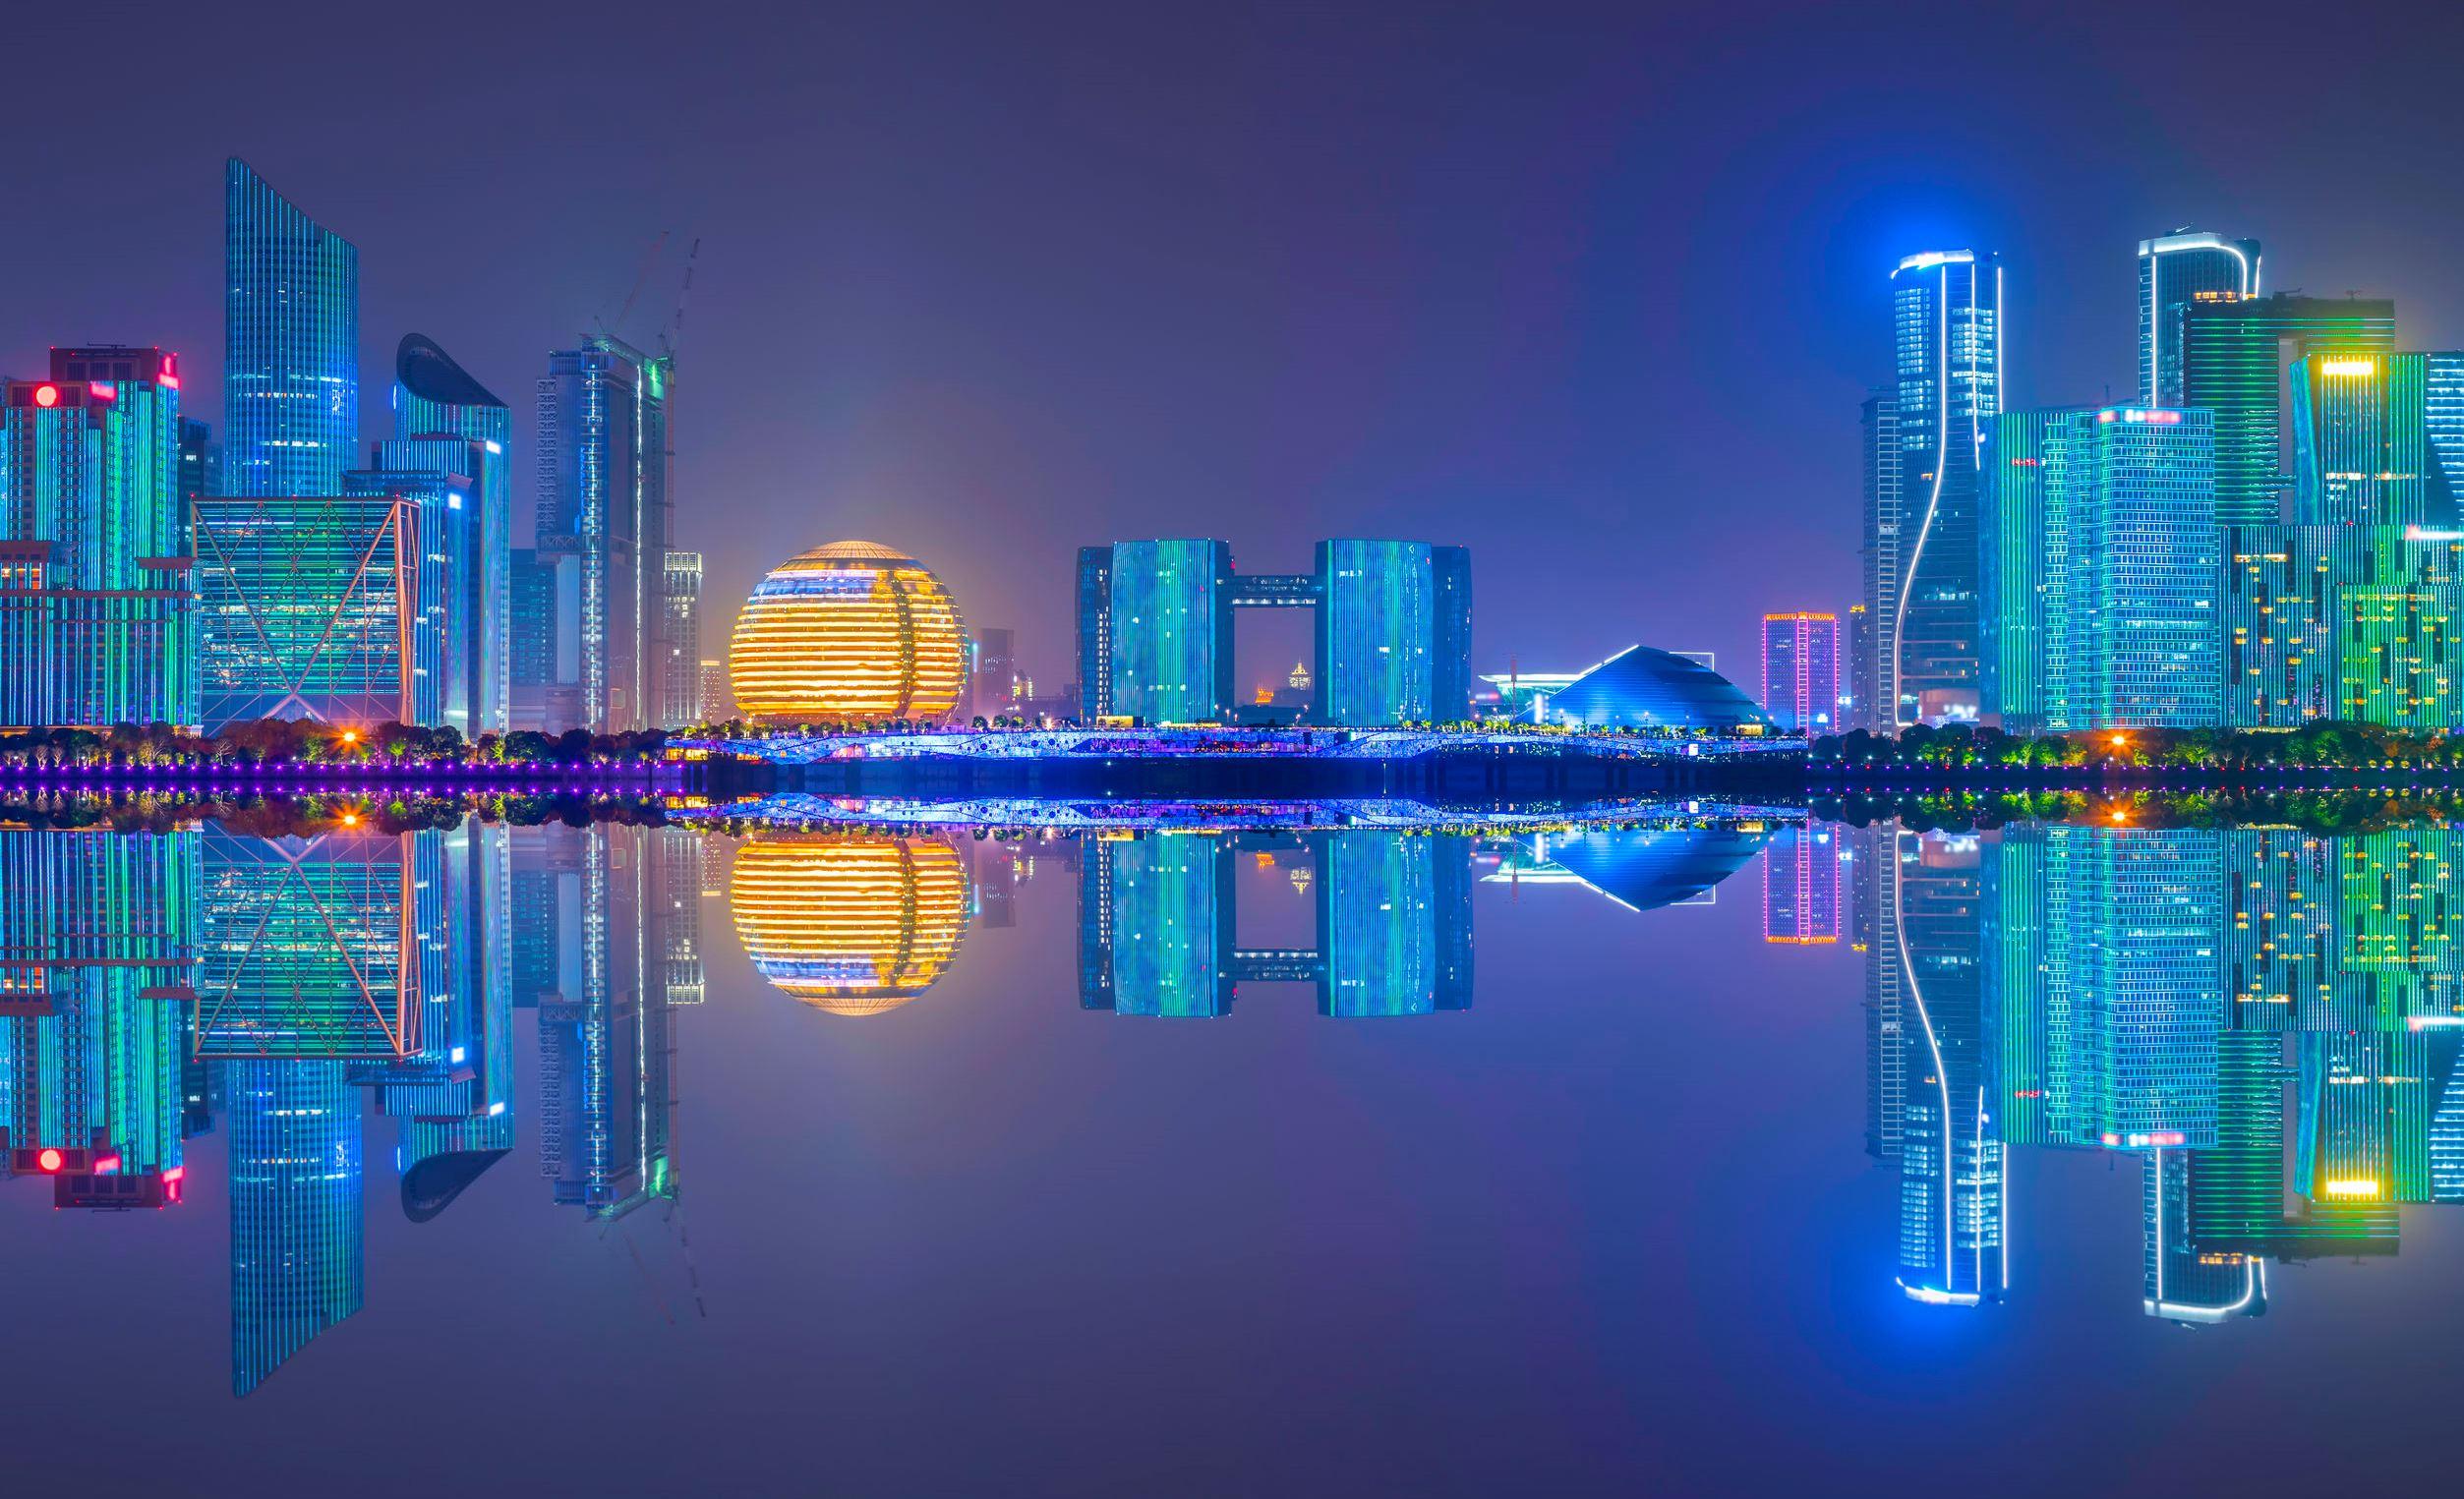 В городе Ханьждоу в Китае запустили крупный блокчейн-фонд